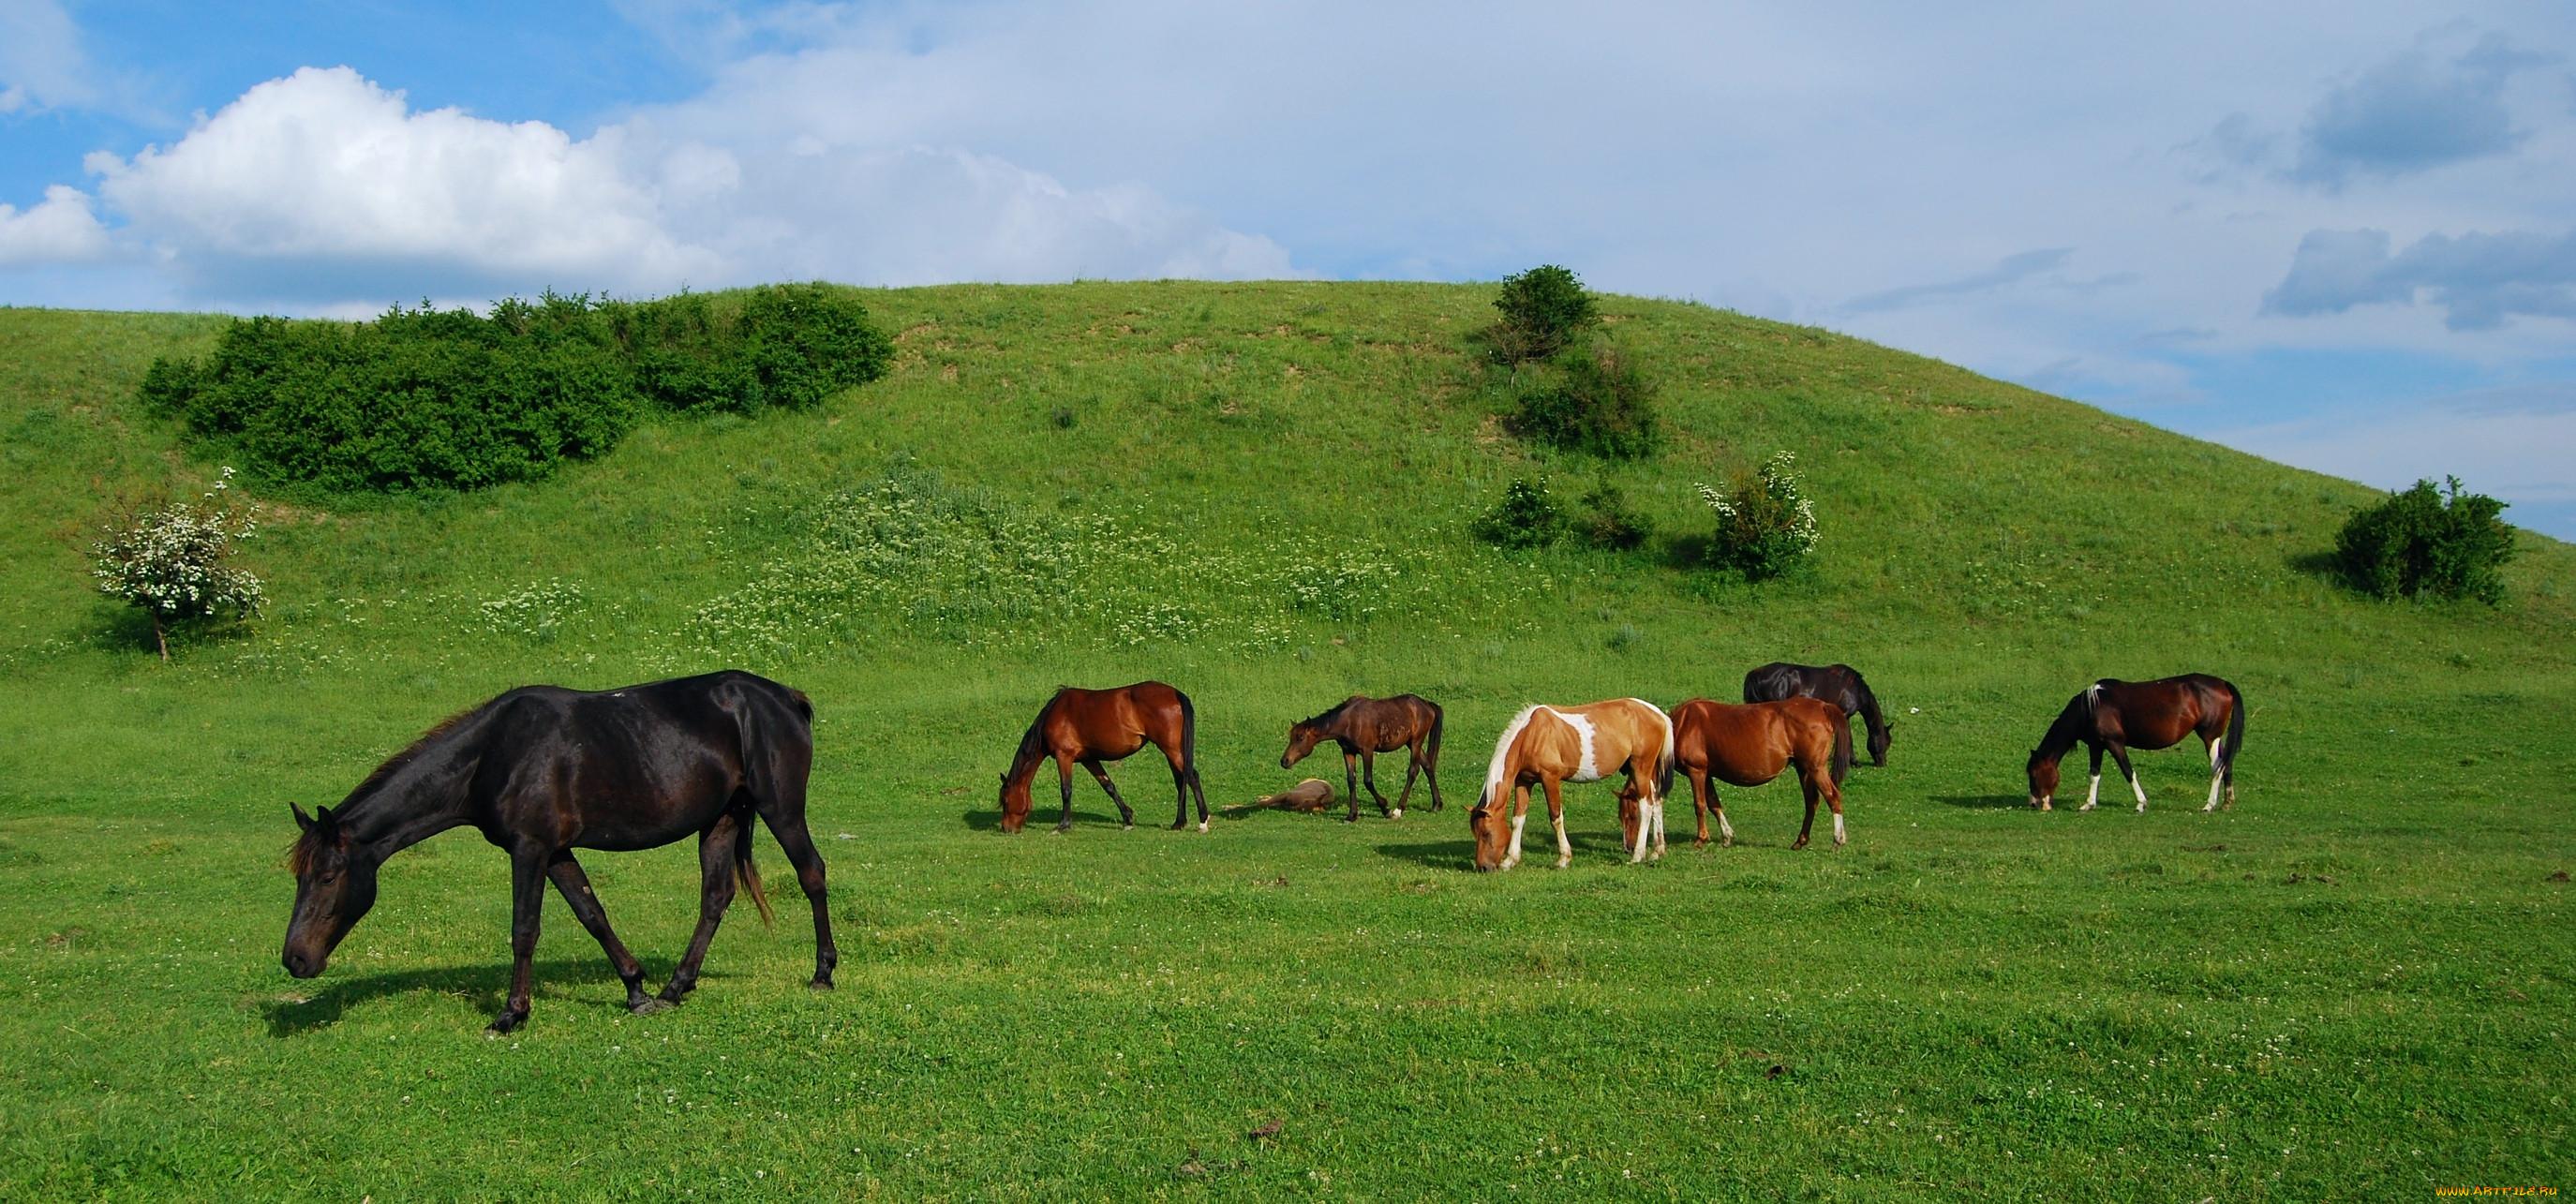 Картинки луга для лошадей